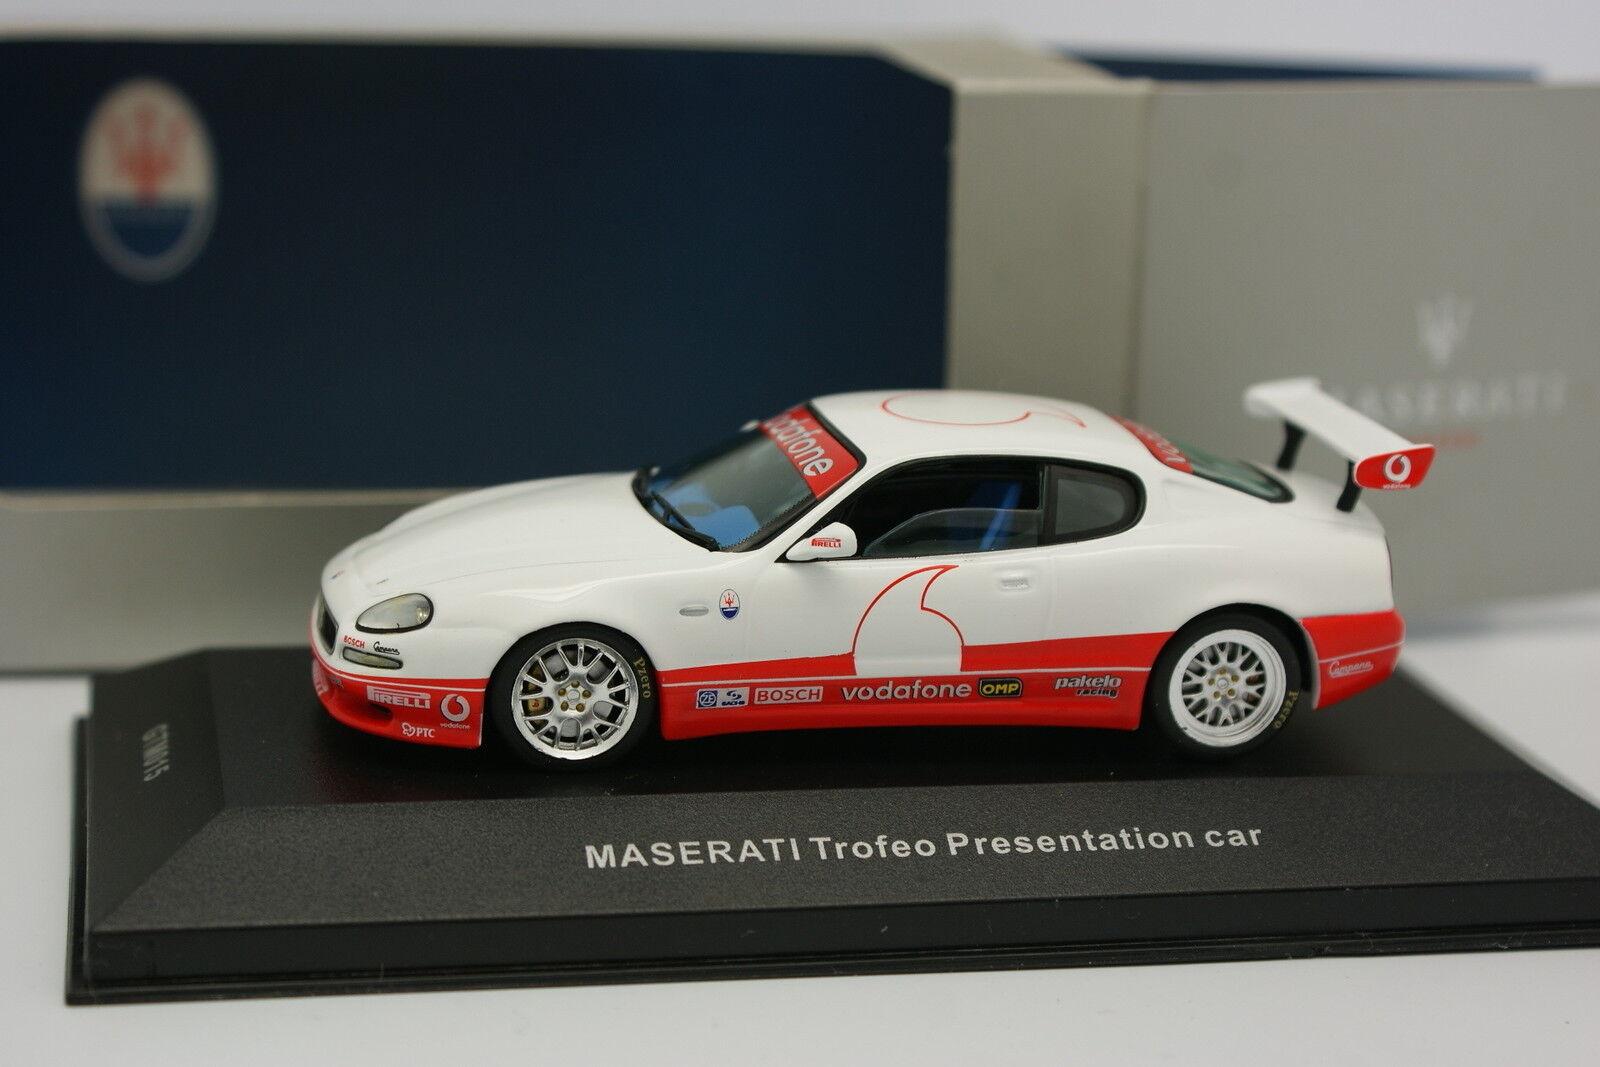 Ixo 1 1 1 43 - Trofeo Maserati Rappresentanza car 66ff0a